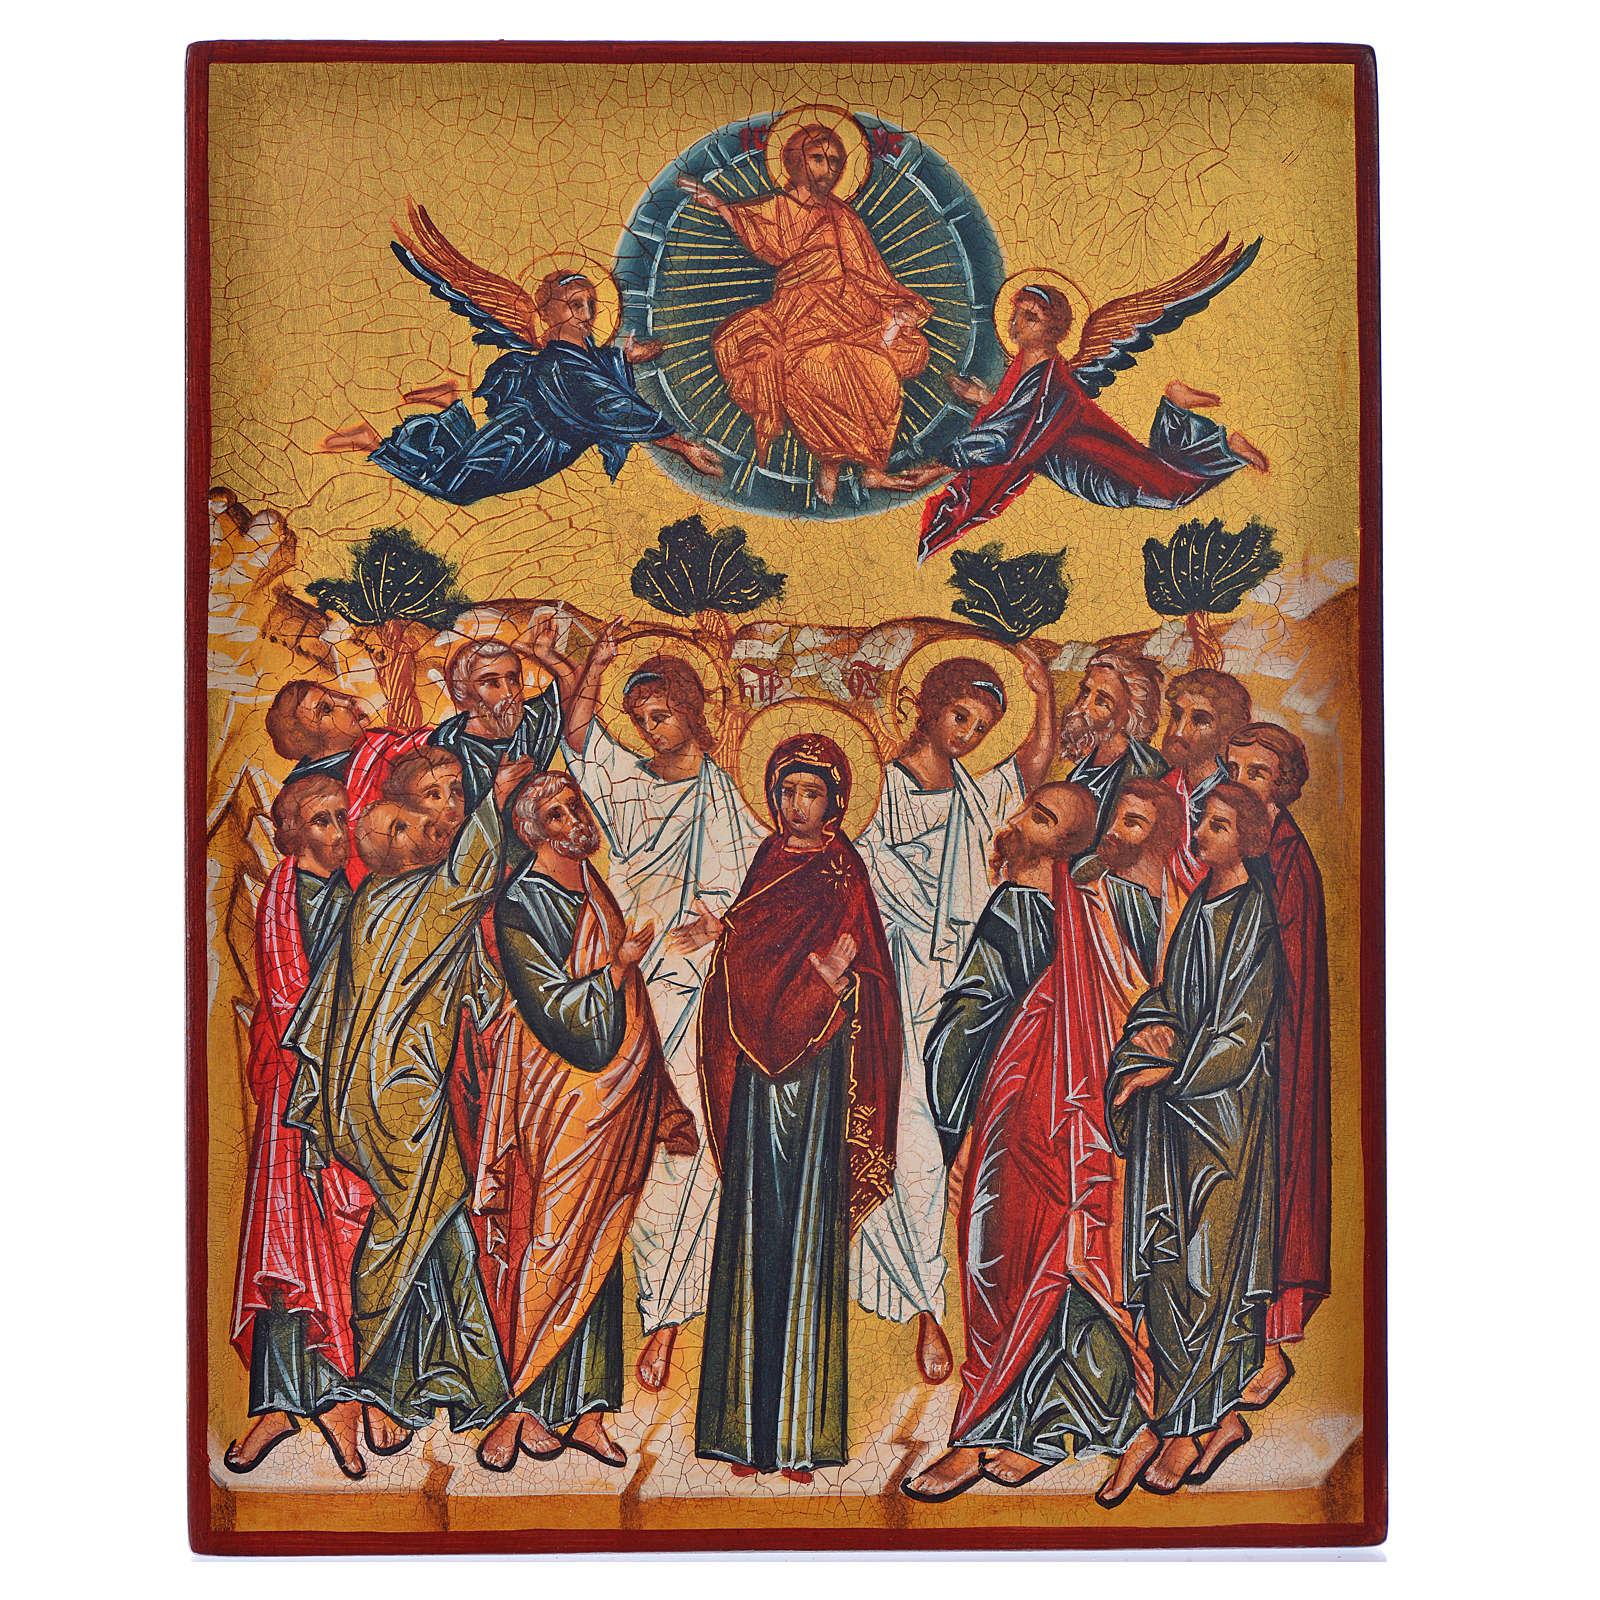 Icona russa dipinta Assunzione di Maria 14x11 4